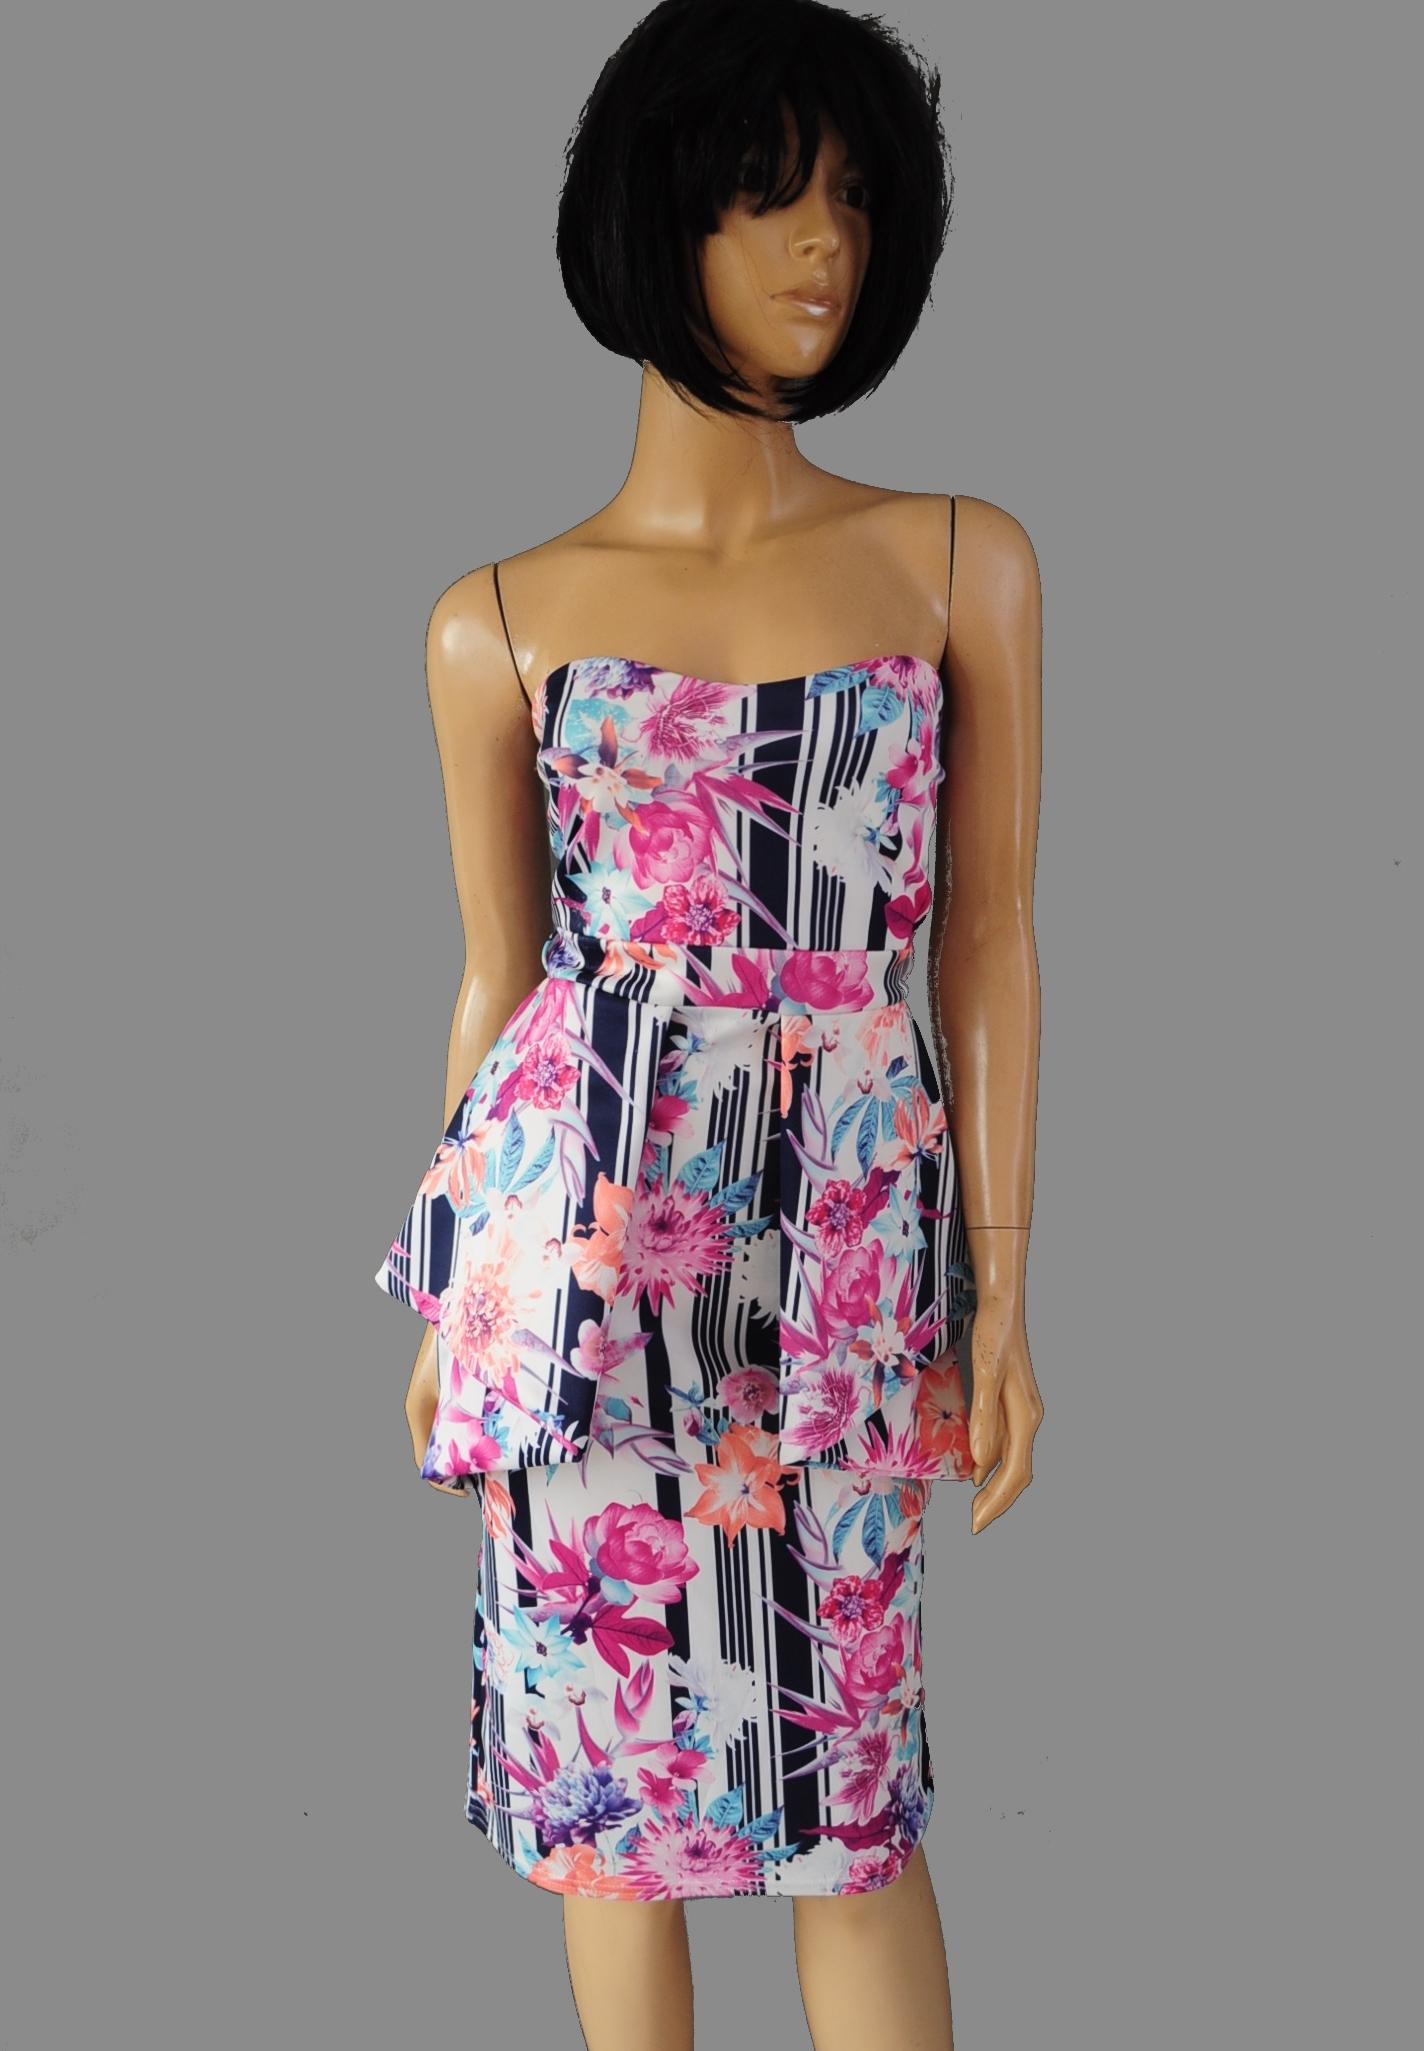 c4c0396387 Evita sukienka biała wzorki ołówkowa 42 - 7680613224 - oficjalne ...